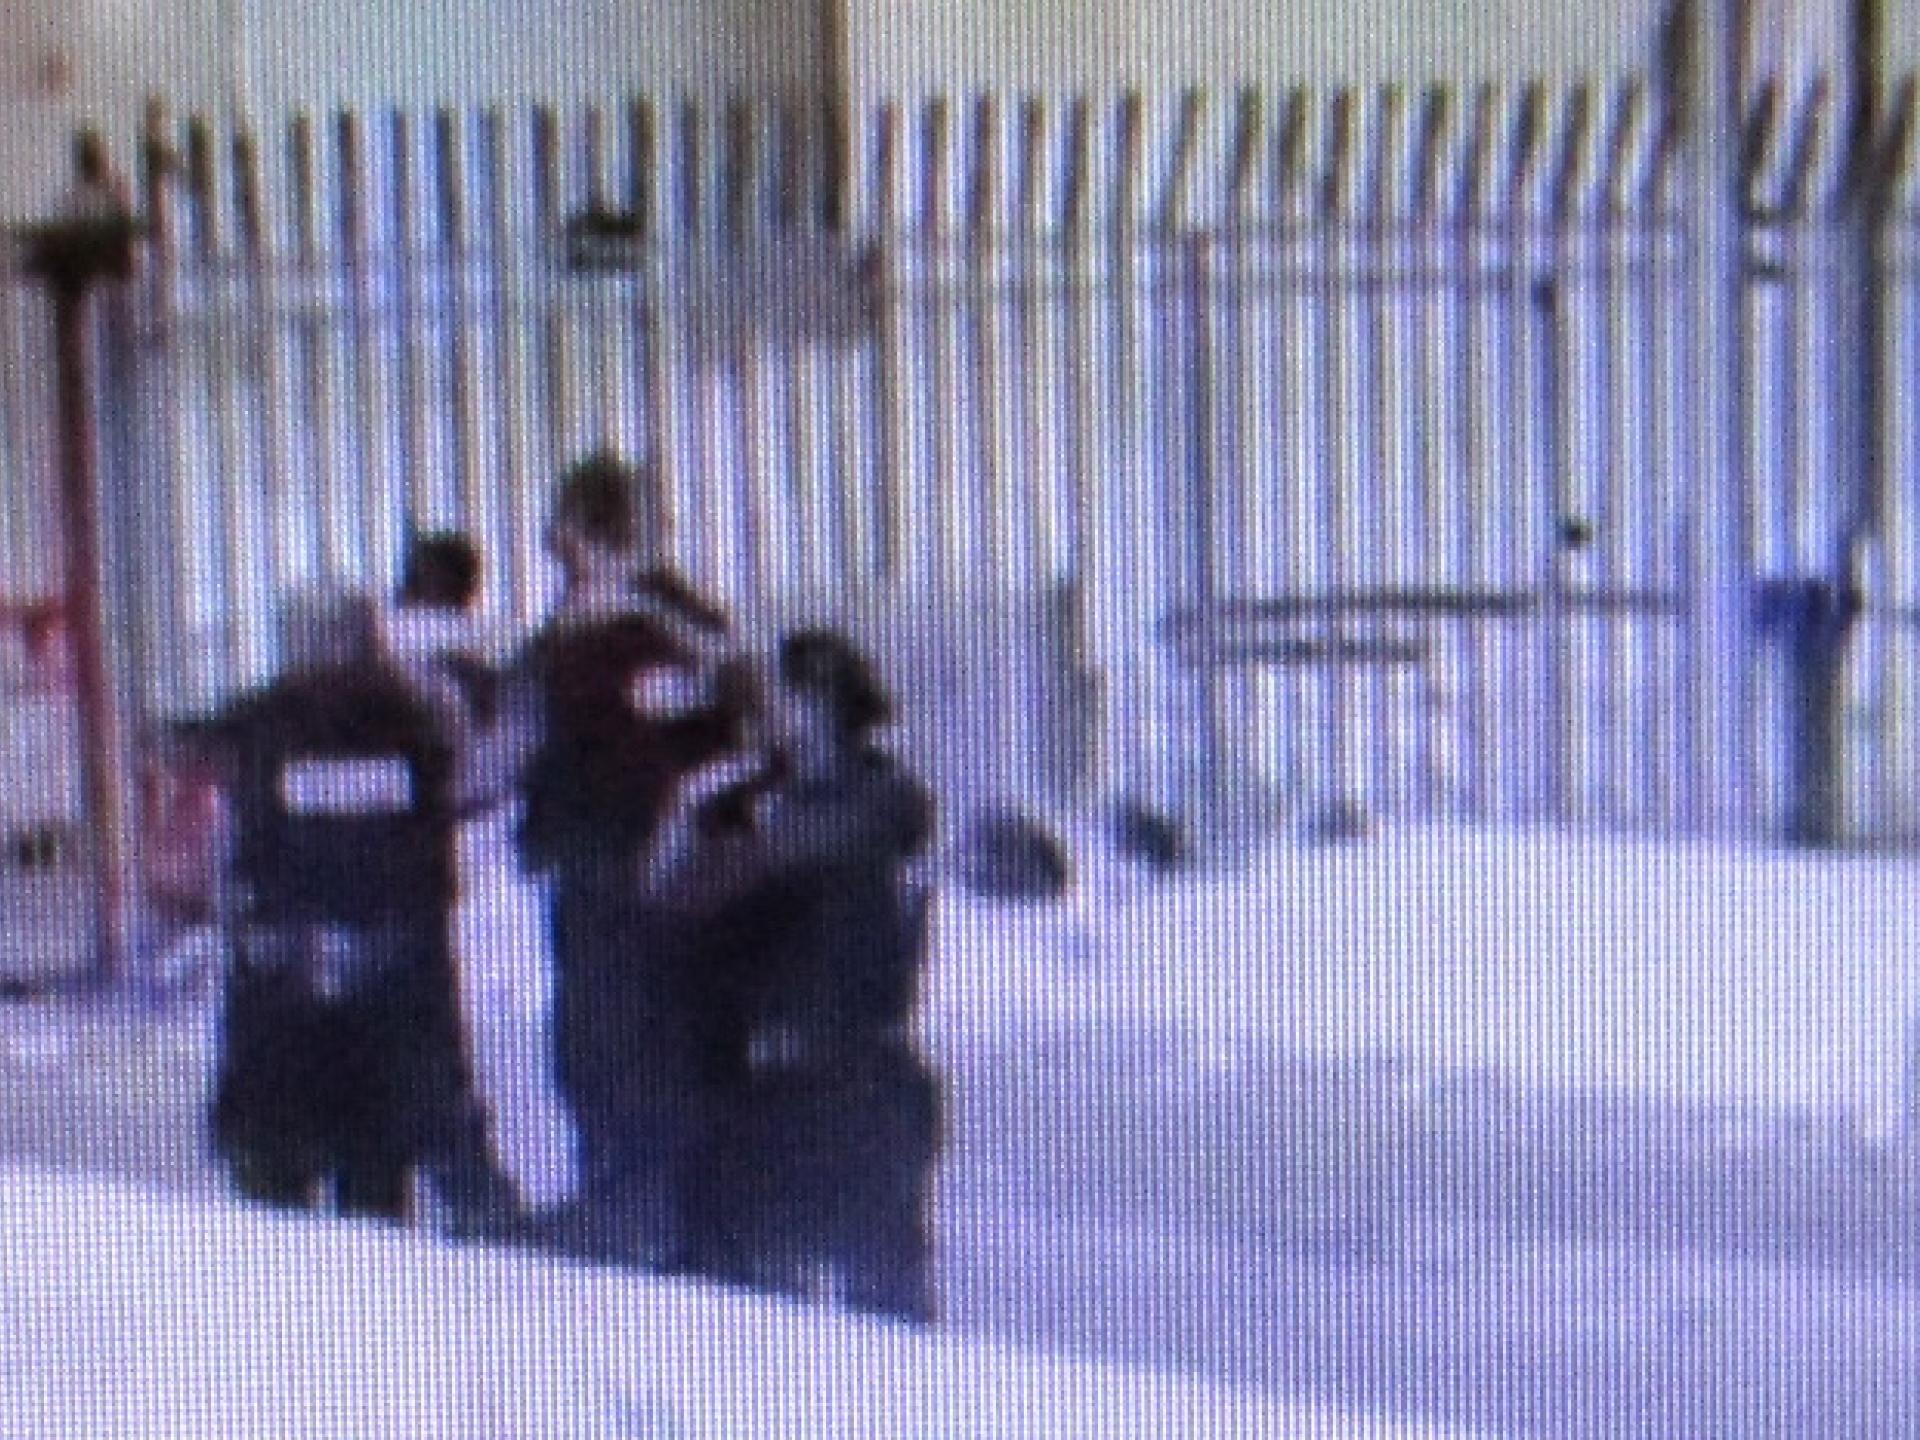 מתוך הסרטון: שניות לפני שאחמד ותופסיו נבלעו בתוך המחסום